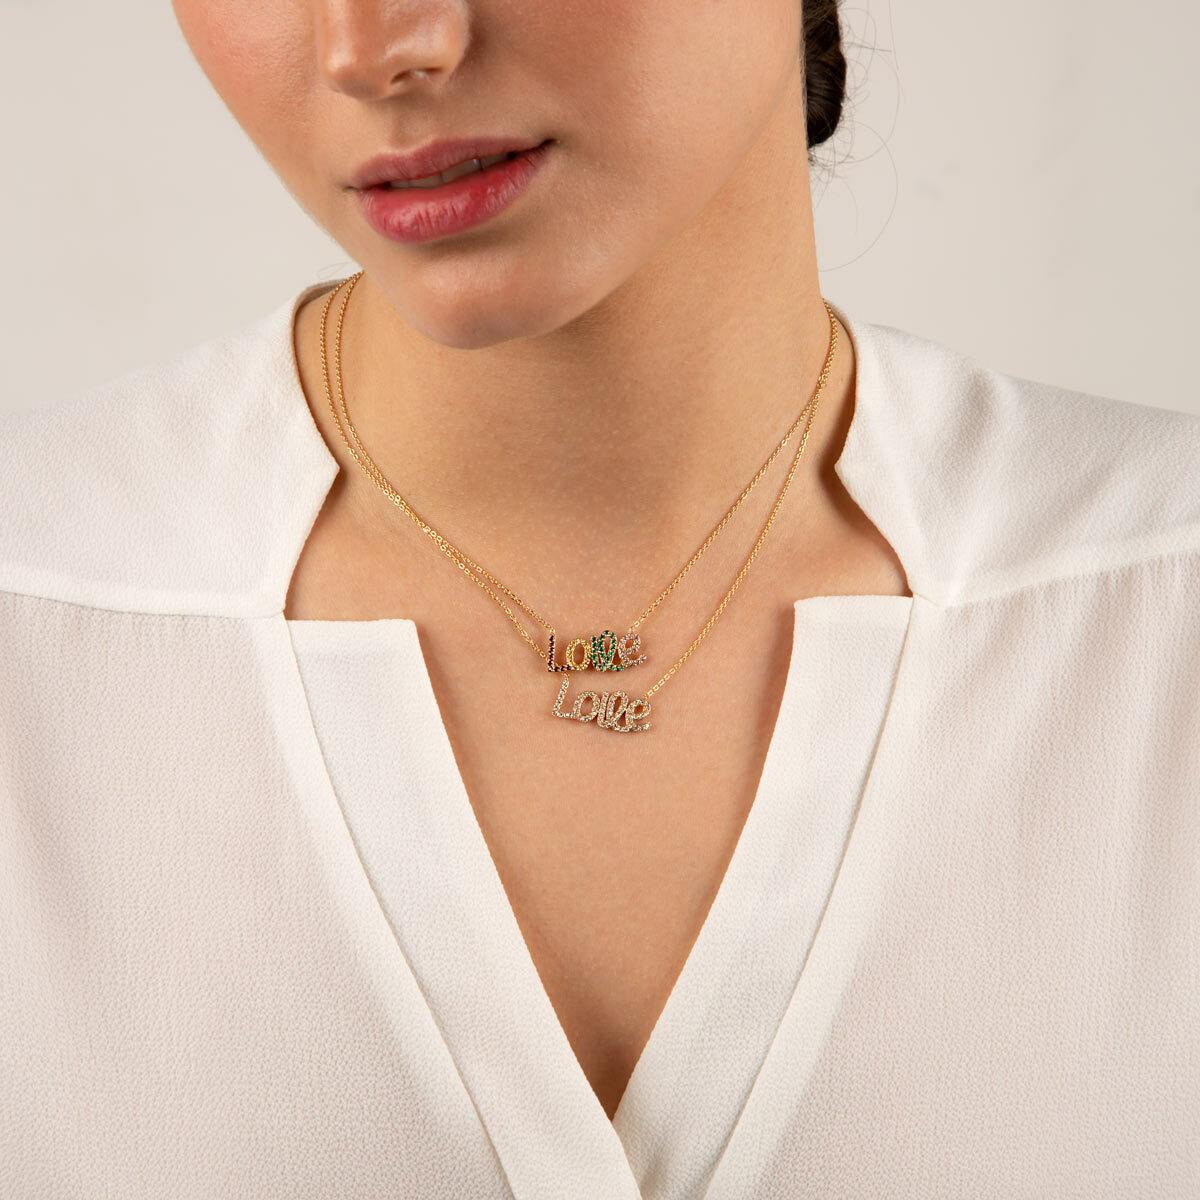 گردنبند طلا Love نگین دار سفید